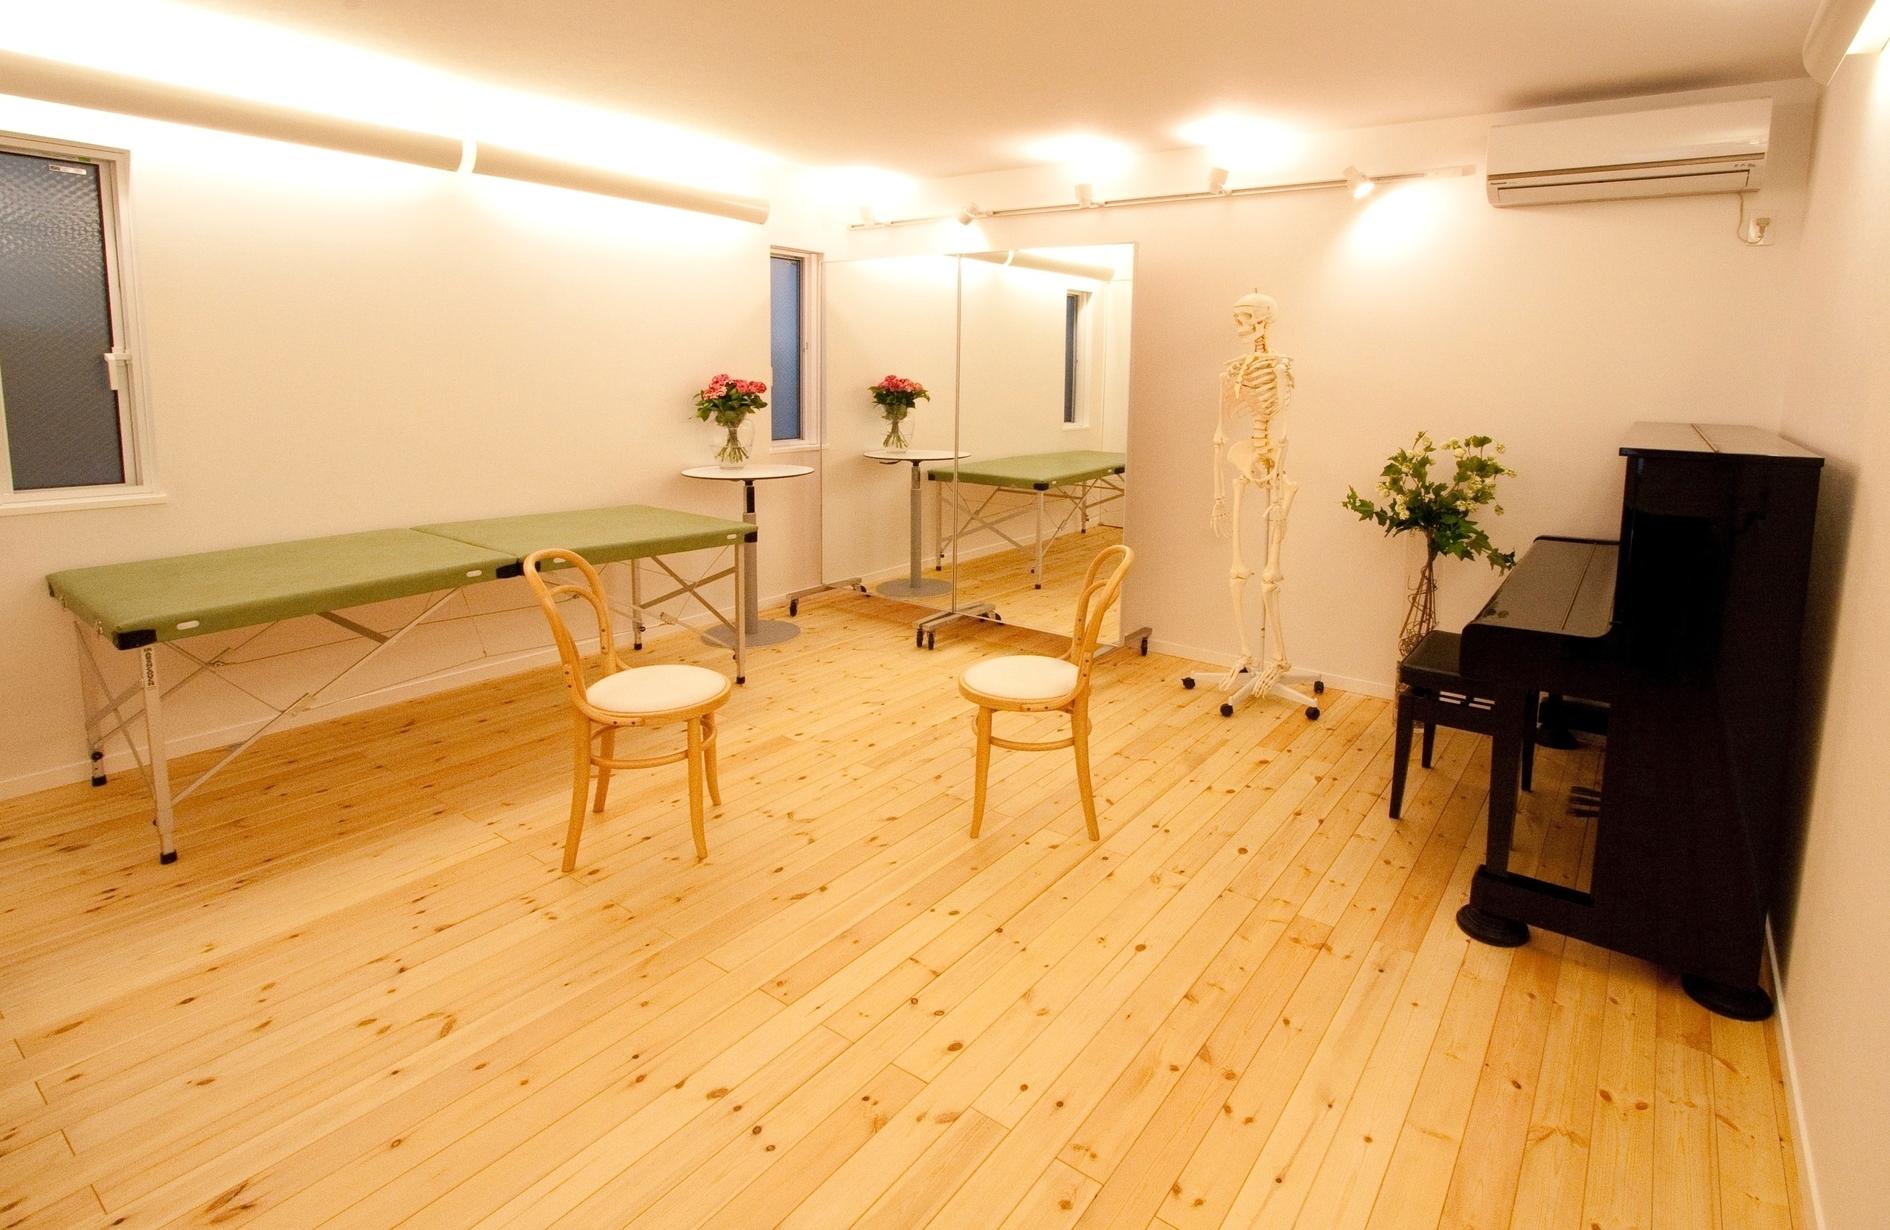 恵比寿駅徒歩9分 ヨガ・セミナー・音楽練習に(恵比寿多目的スペース ) の写真0